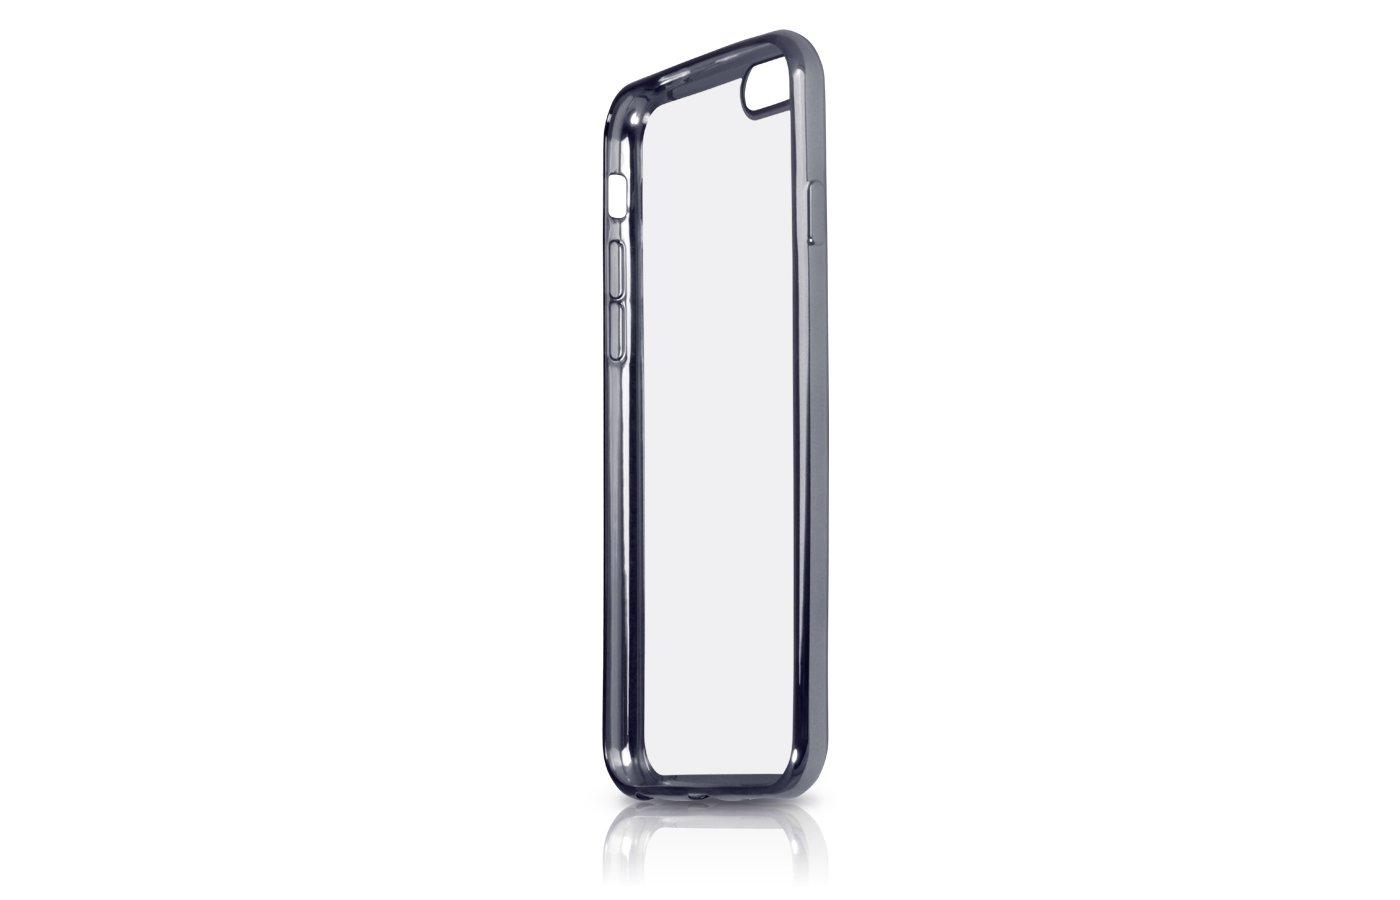 Чехол DF для iPhone 7 (iCase-08) black с рамкой